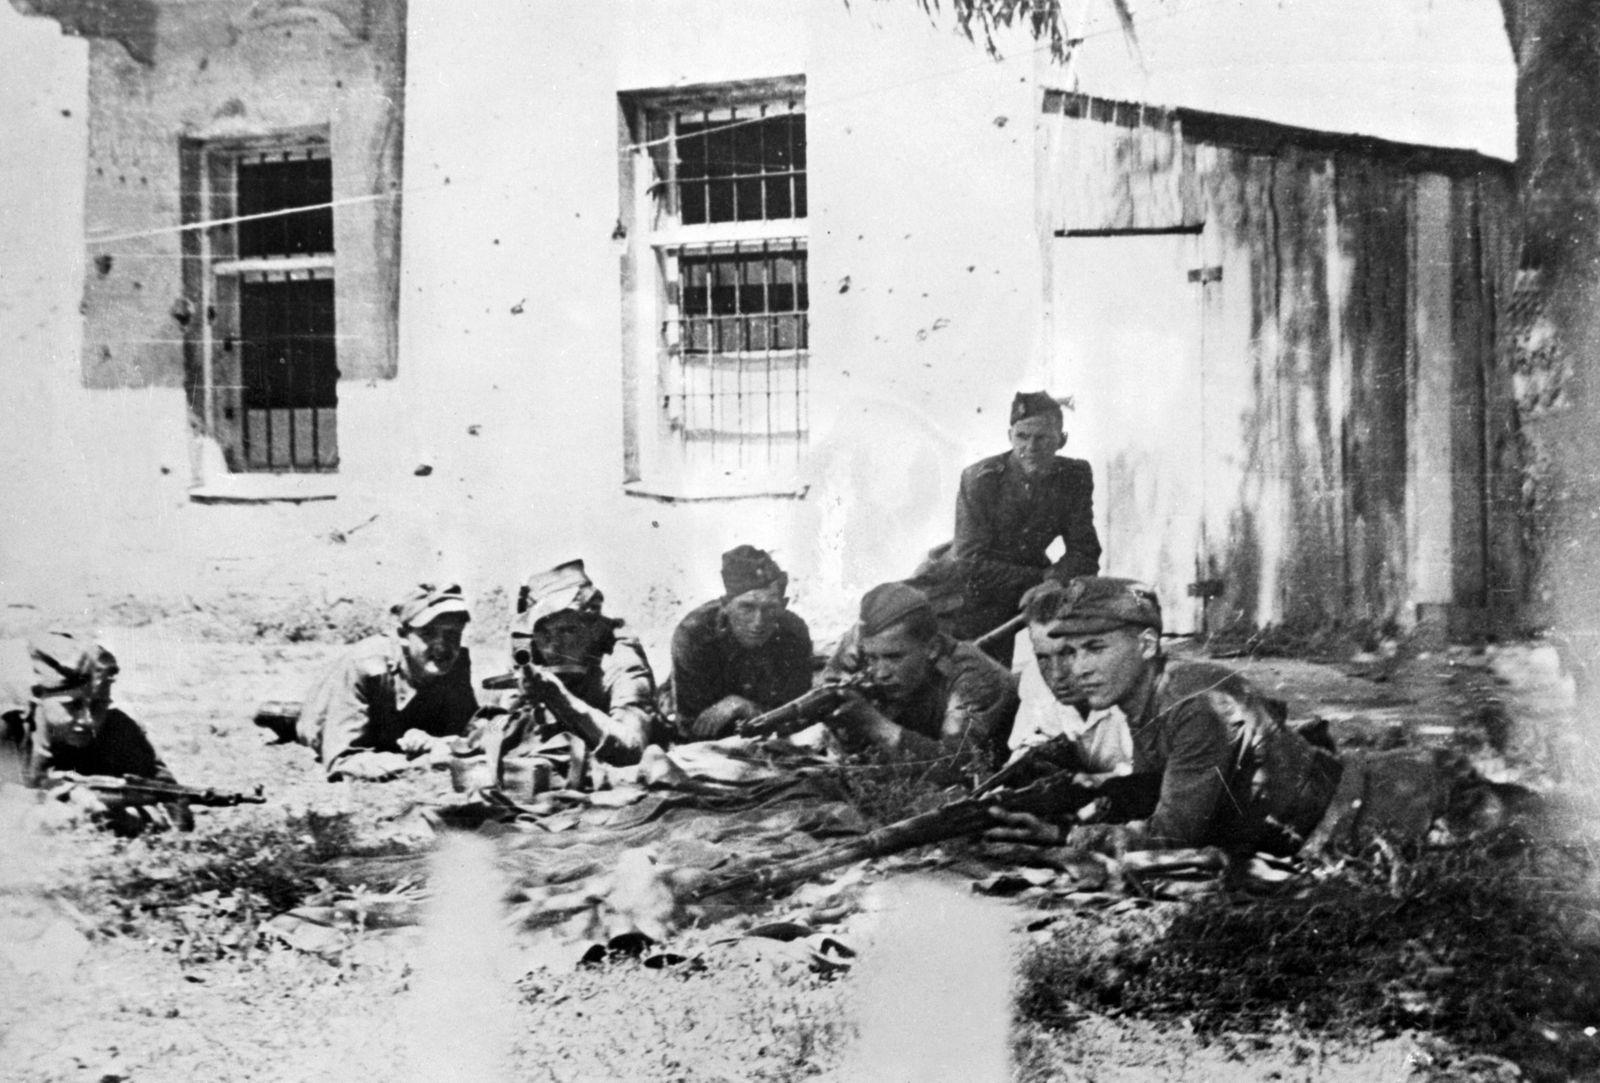 Pogrom von Kielce, 1946